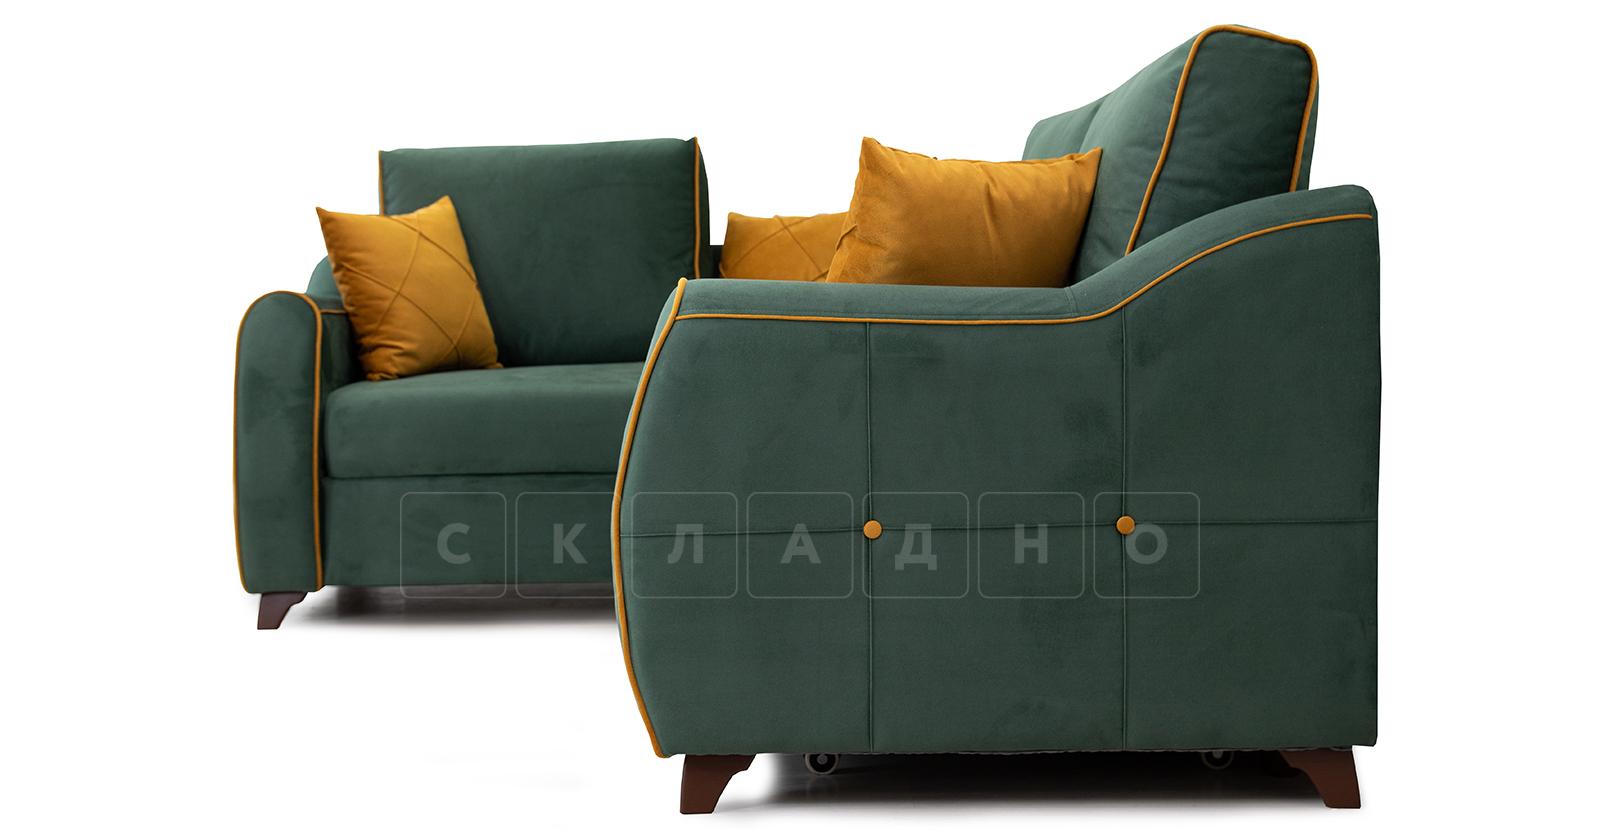 Диван-кровать угловой Флэтфорд нефритовый зеленый фото 3 | интернет-магазин Складно